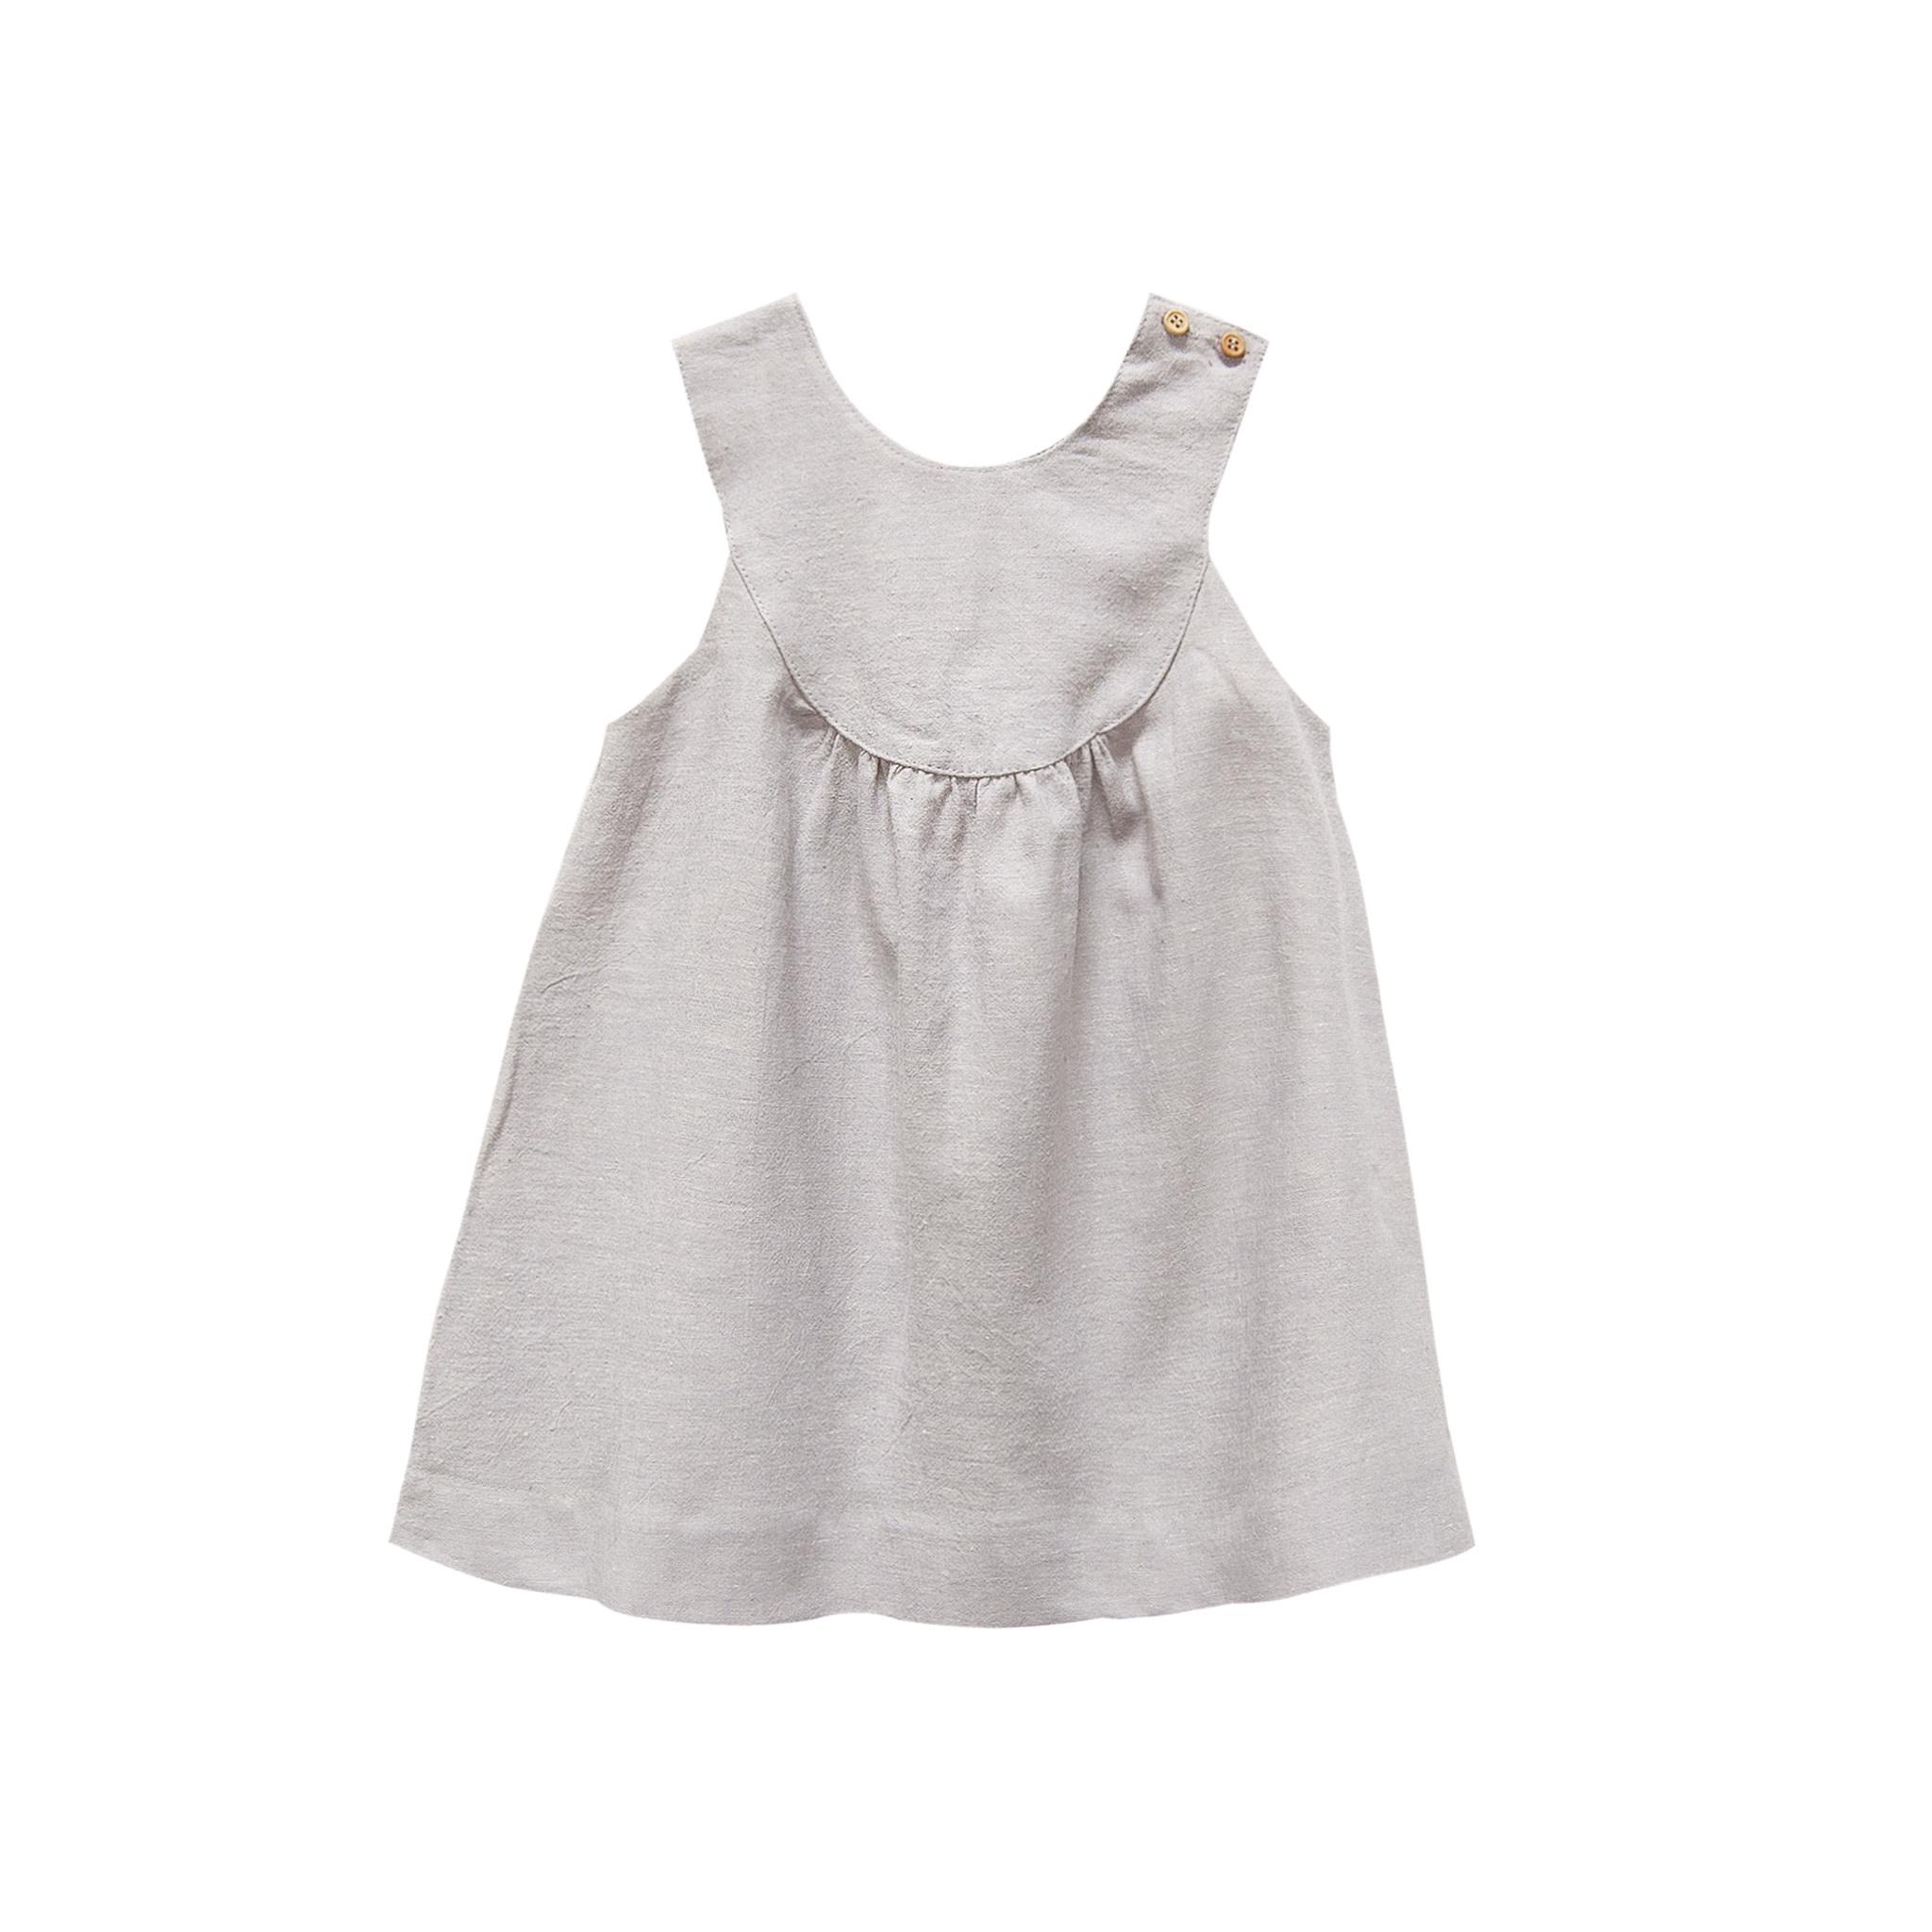 Go Gently Nation Poppy Dress - Gray